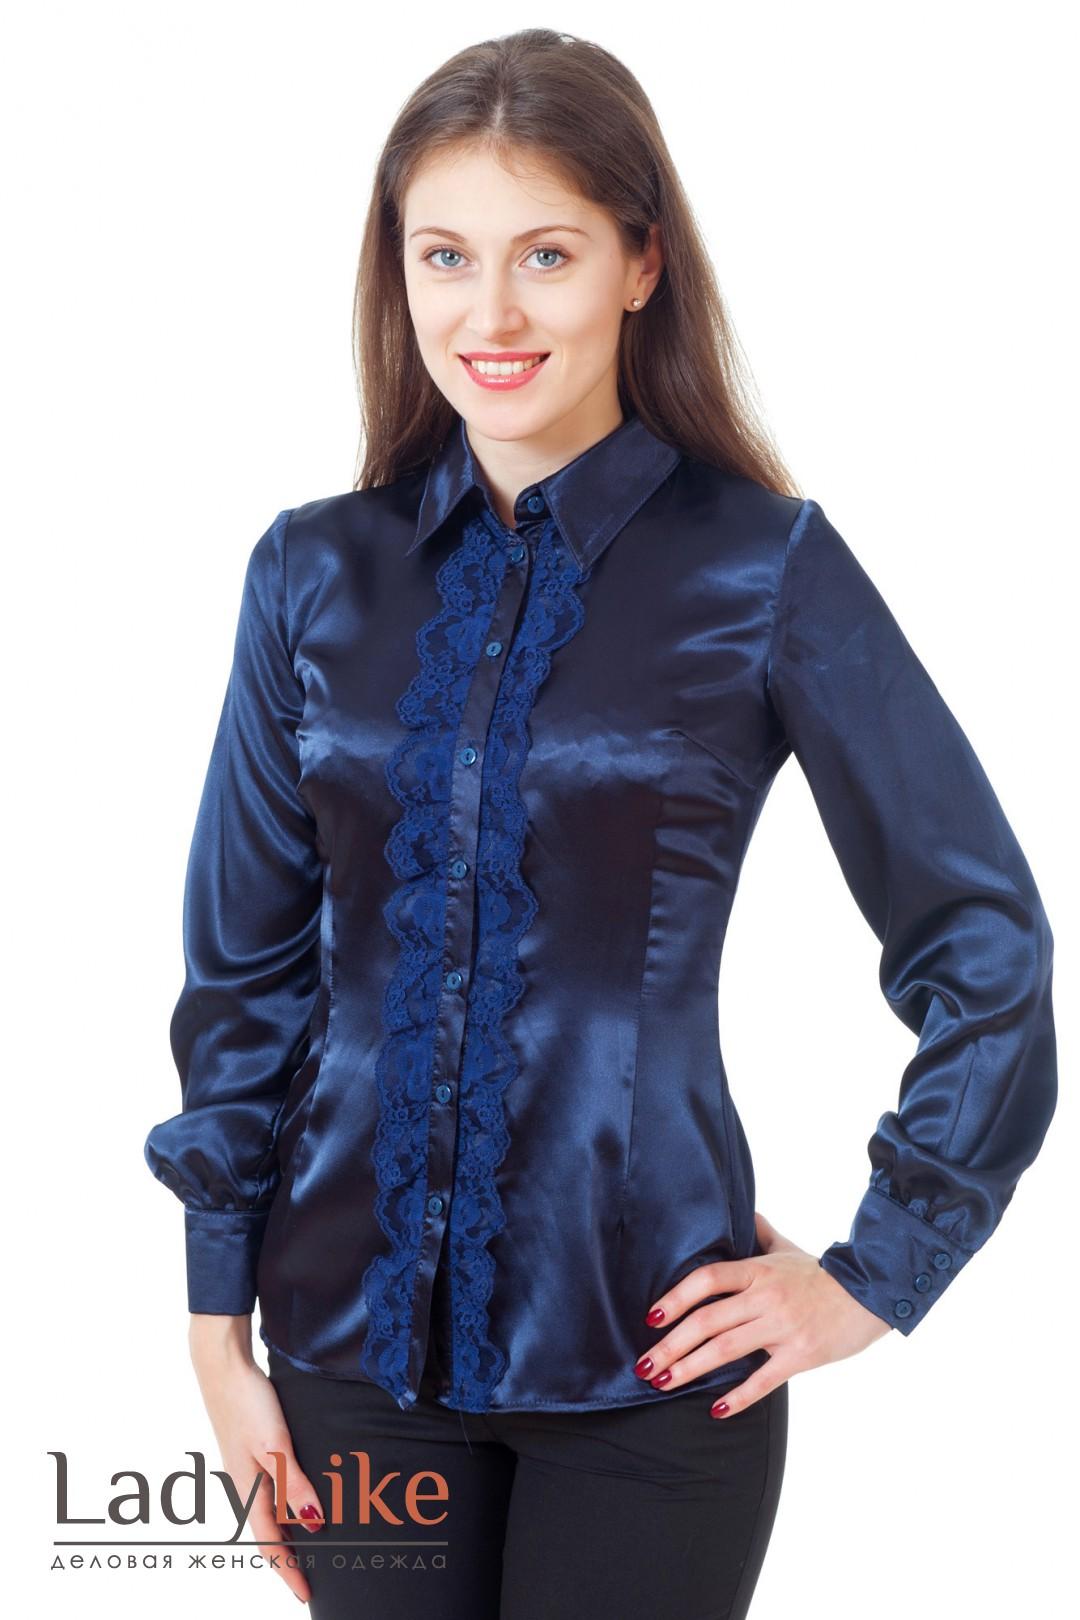 Атласная Блузка Купить В Спб